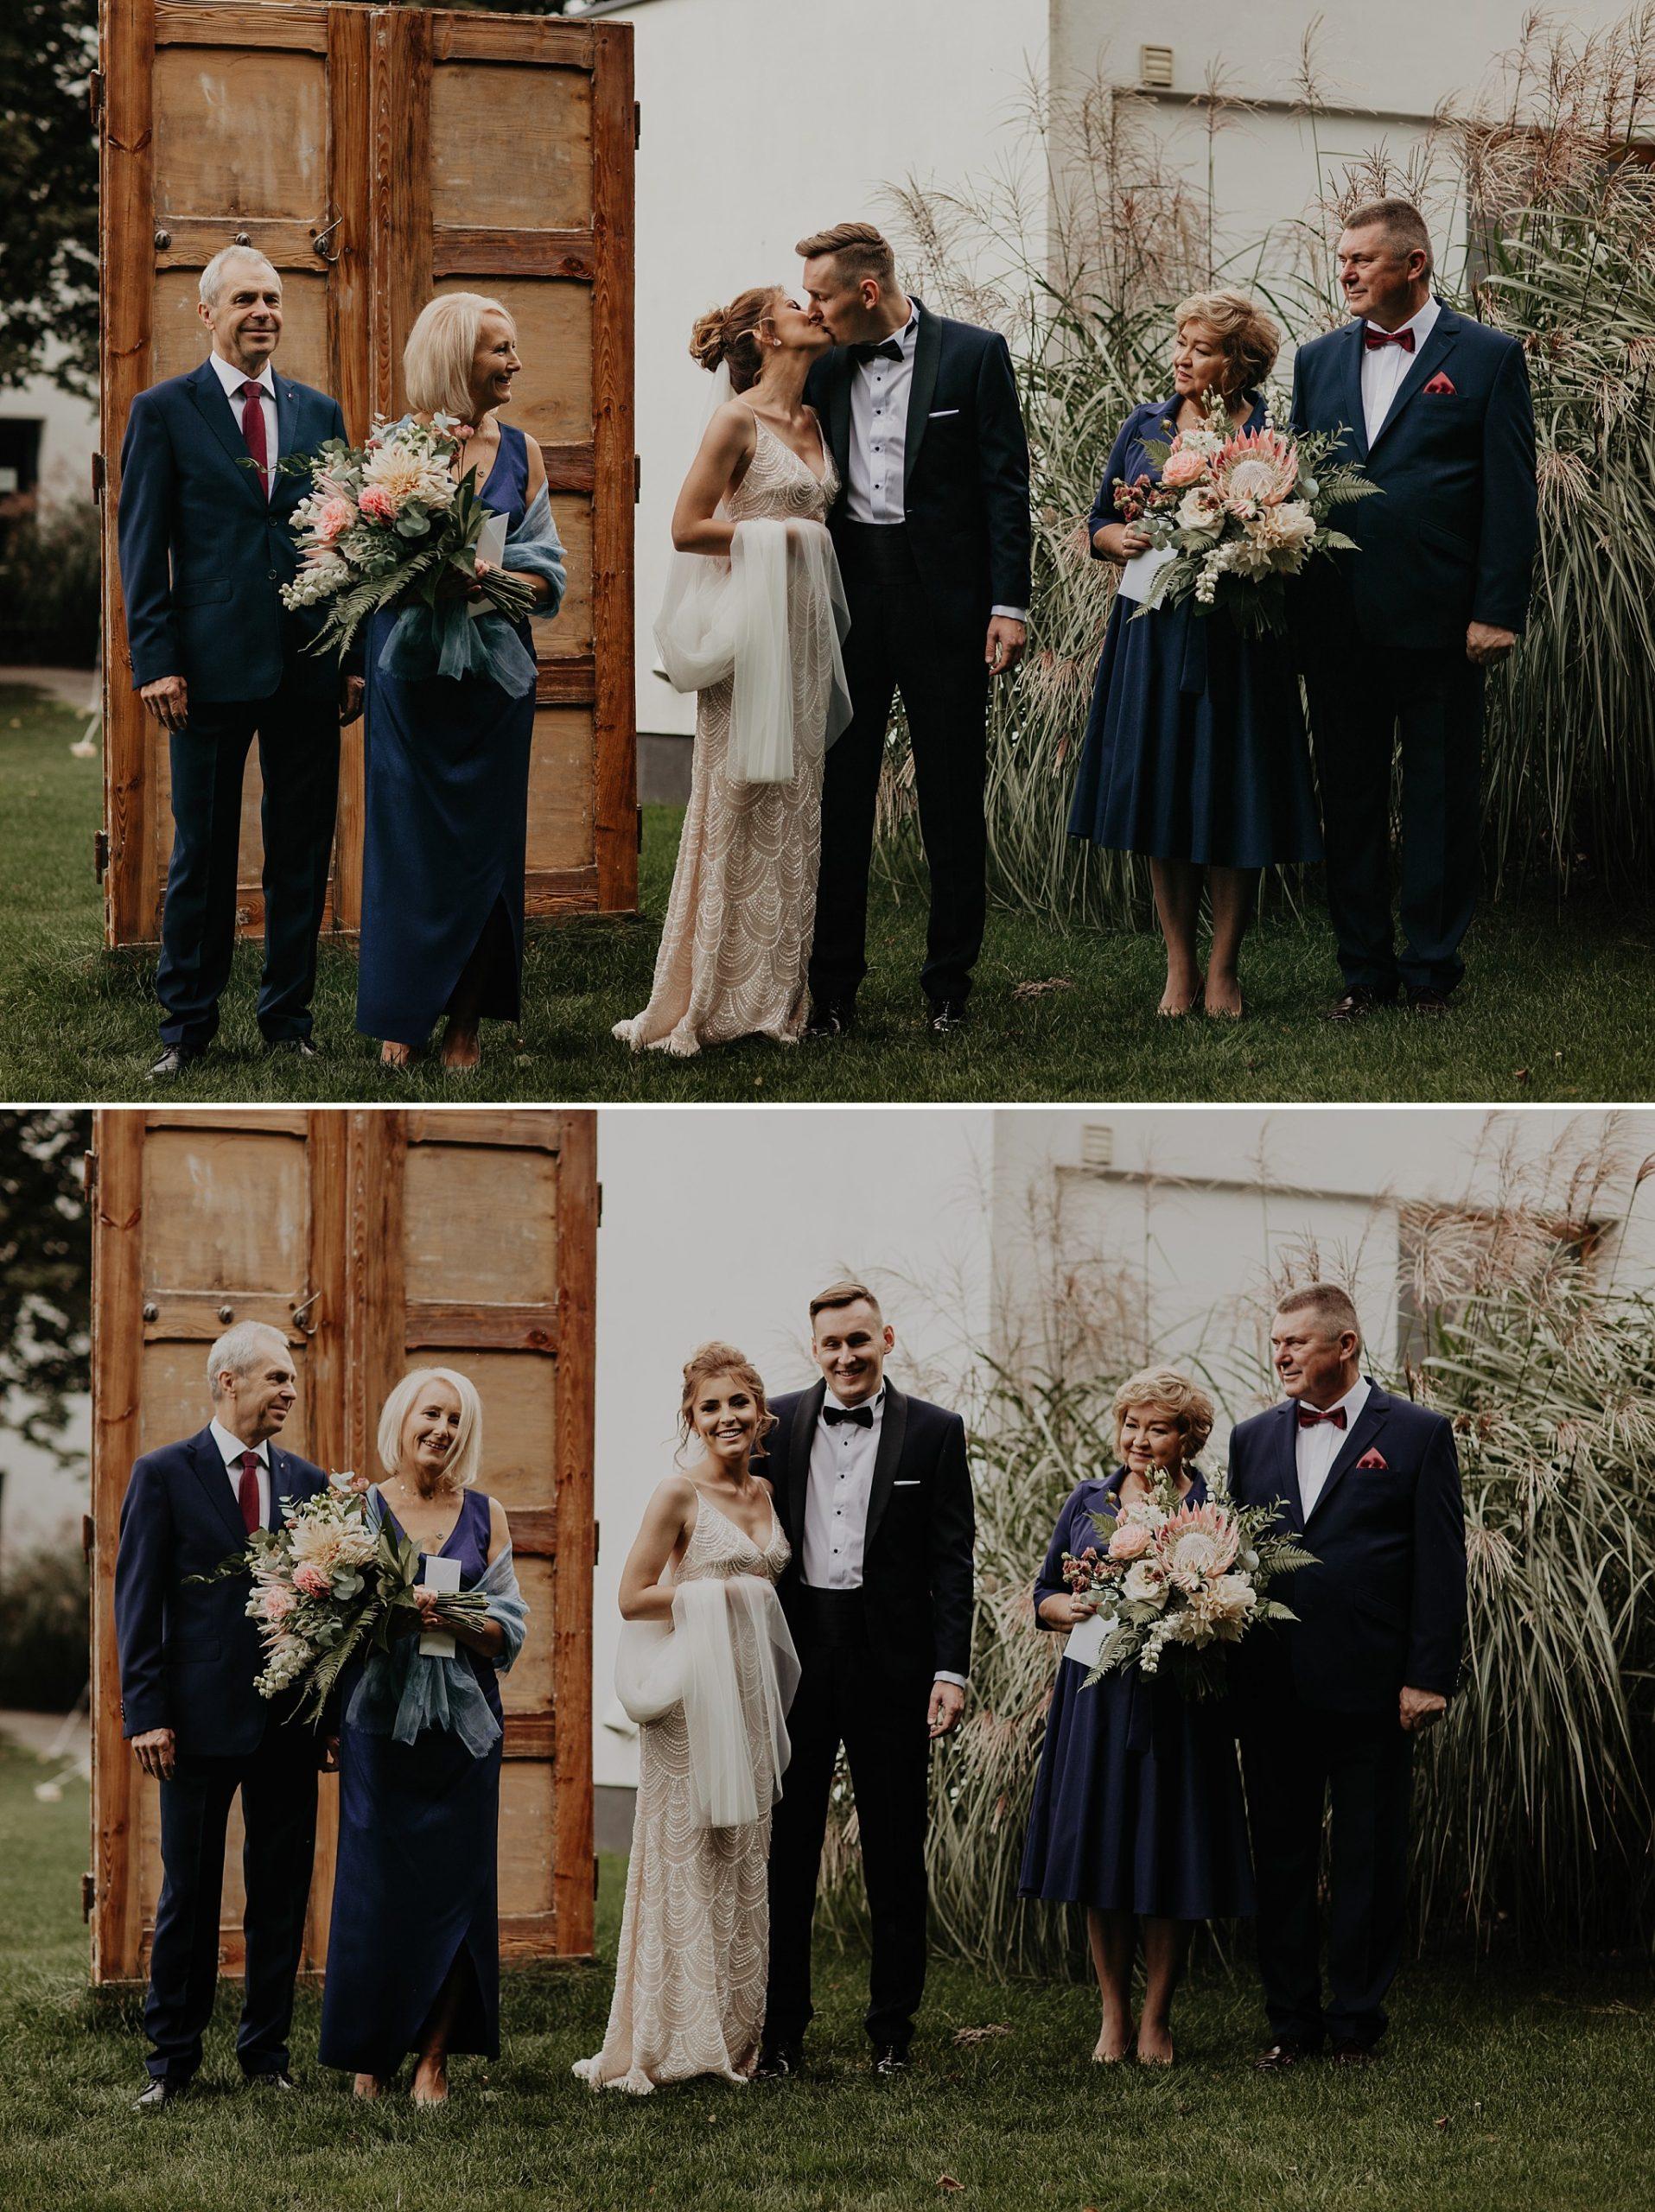 fotograf poznan wesele dobra truskawka piekne wesele pod poznaniem wesele w dobrej truskawce piekna para mloda slub marzen slub koronawirus slub listopad wesele koronawirus 109 scaled